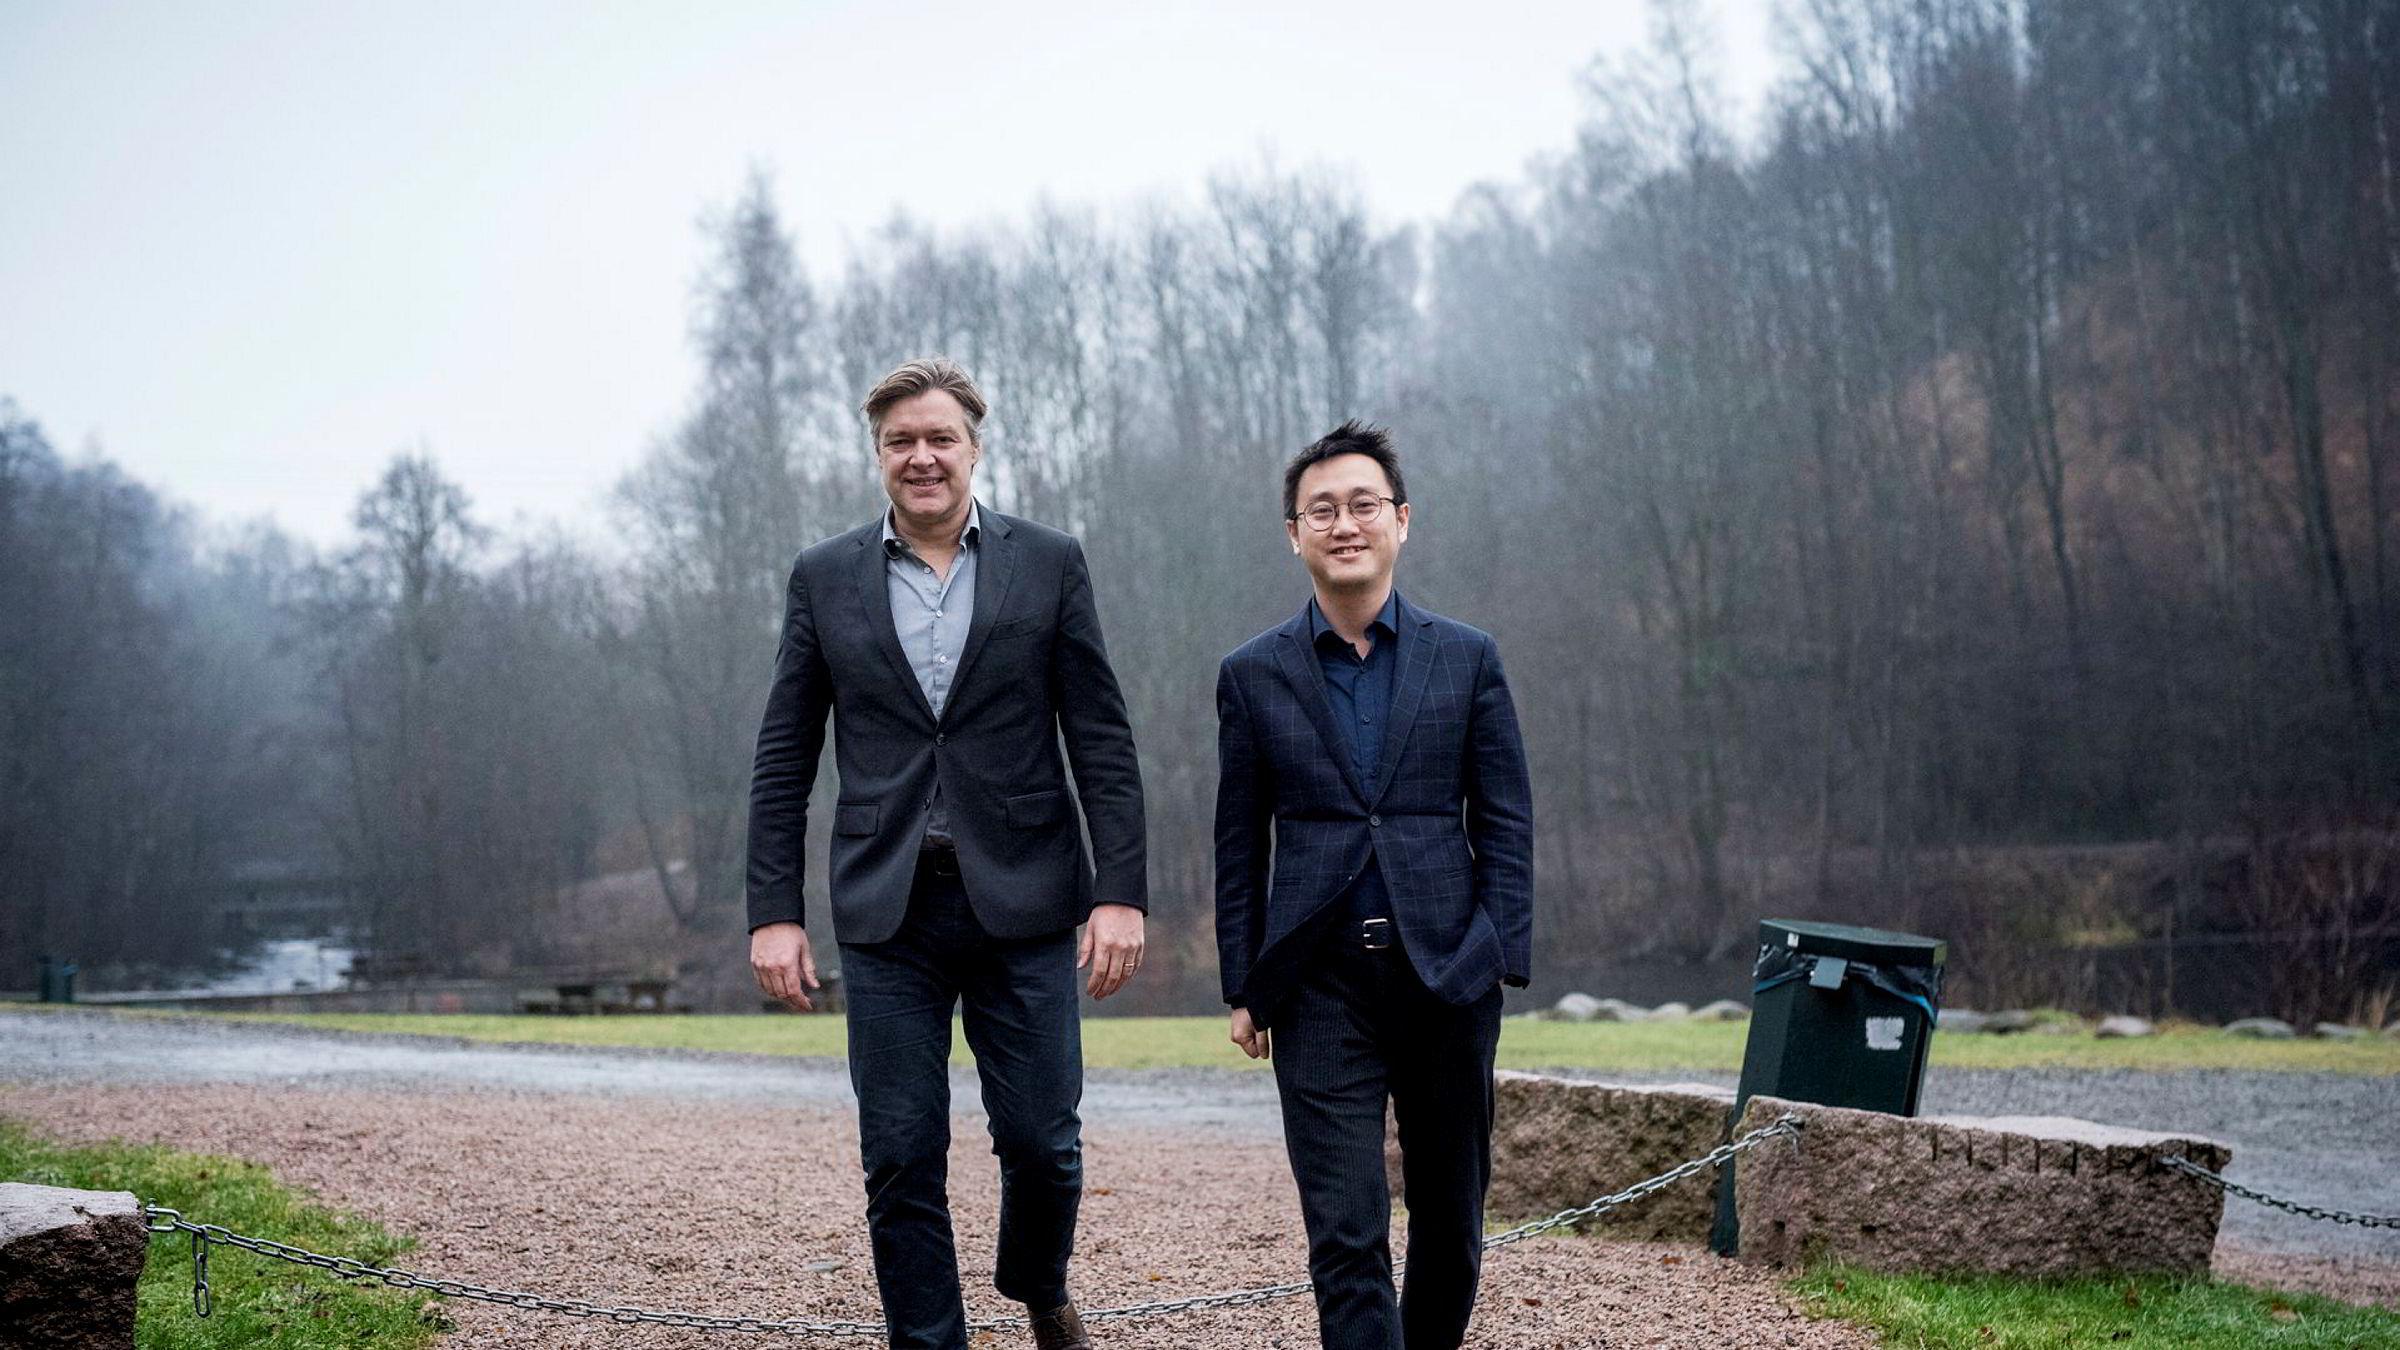 Opera Software-sjef Lars Boilesen (til venstre) sammen med investeringsdirektør Lin Song i Beijing Kunlun Tech, det sentrale selskapet i kjøpet av Operas nettleser. Song er milliardær og Kunlun-gründer Yahui Zhous høyre hånd.